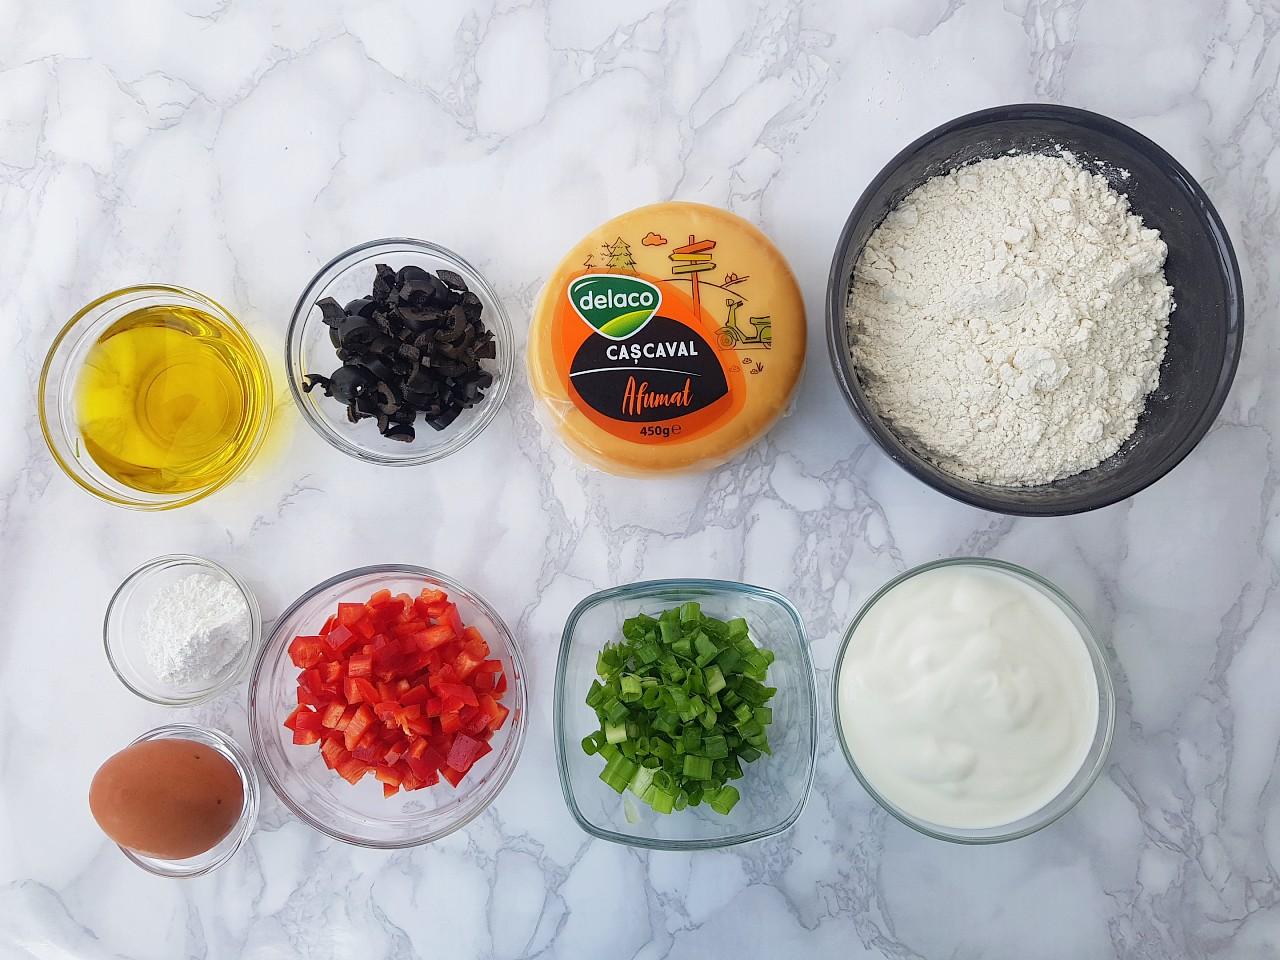 Brioșe cu legume si cascaval afumat - foodieopedia